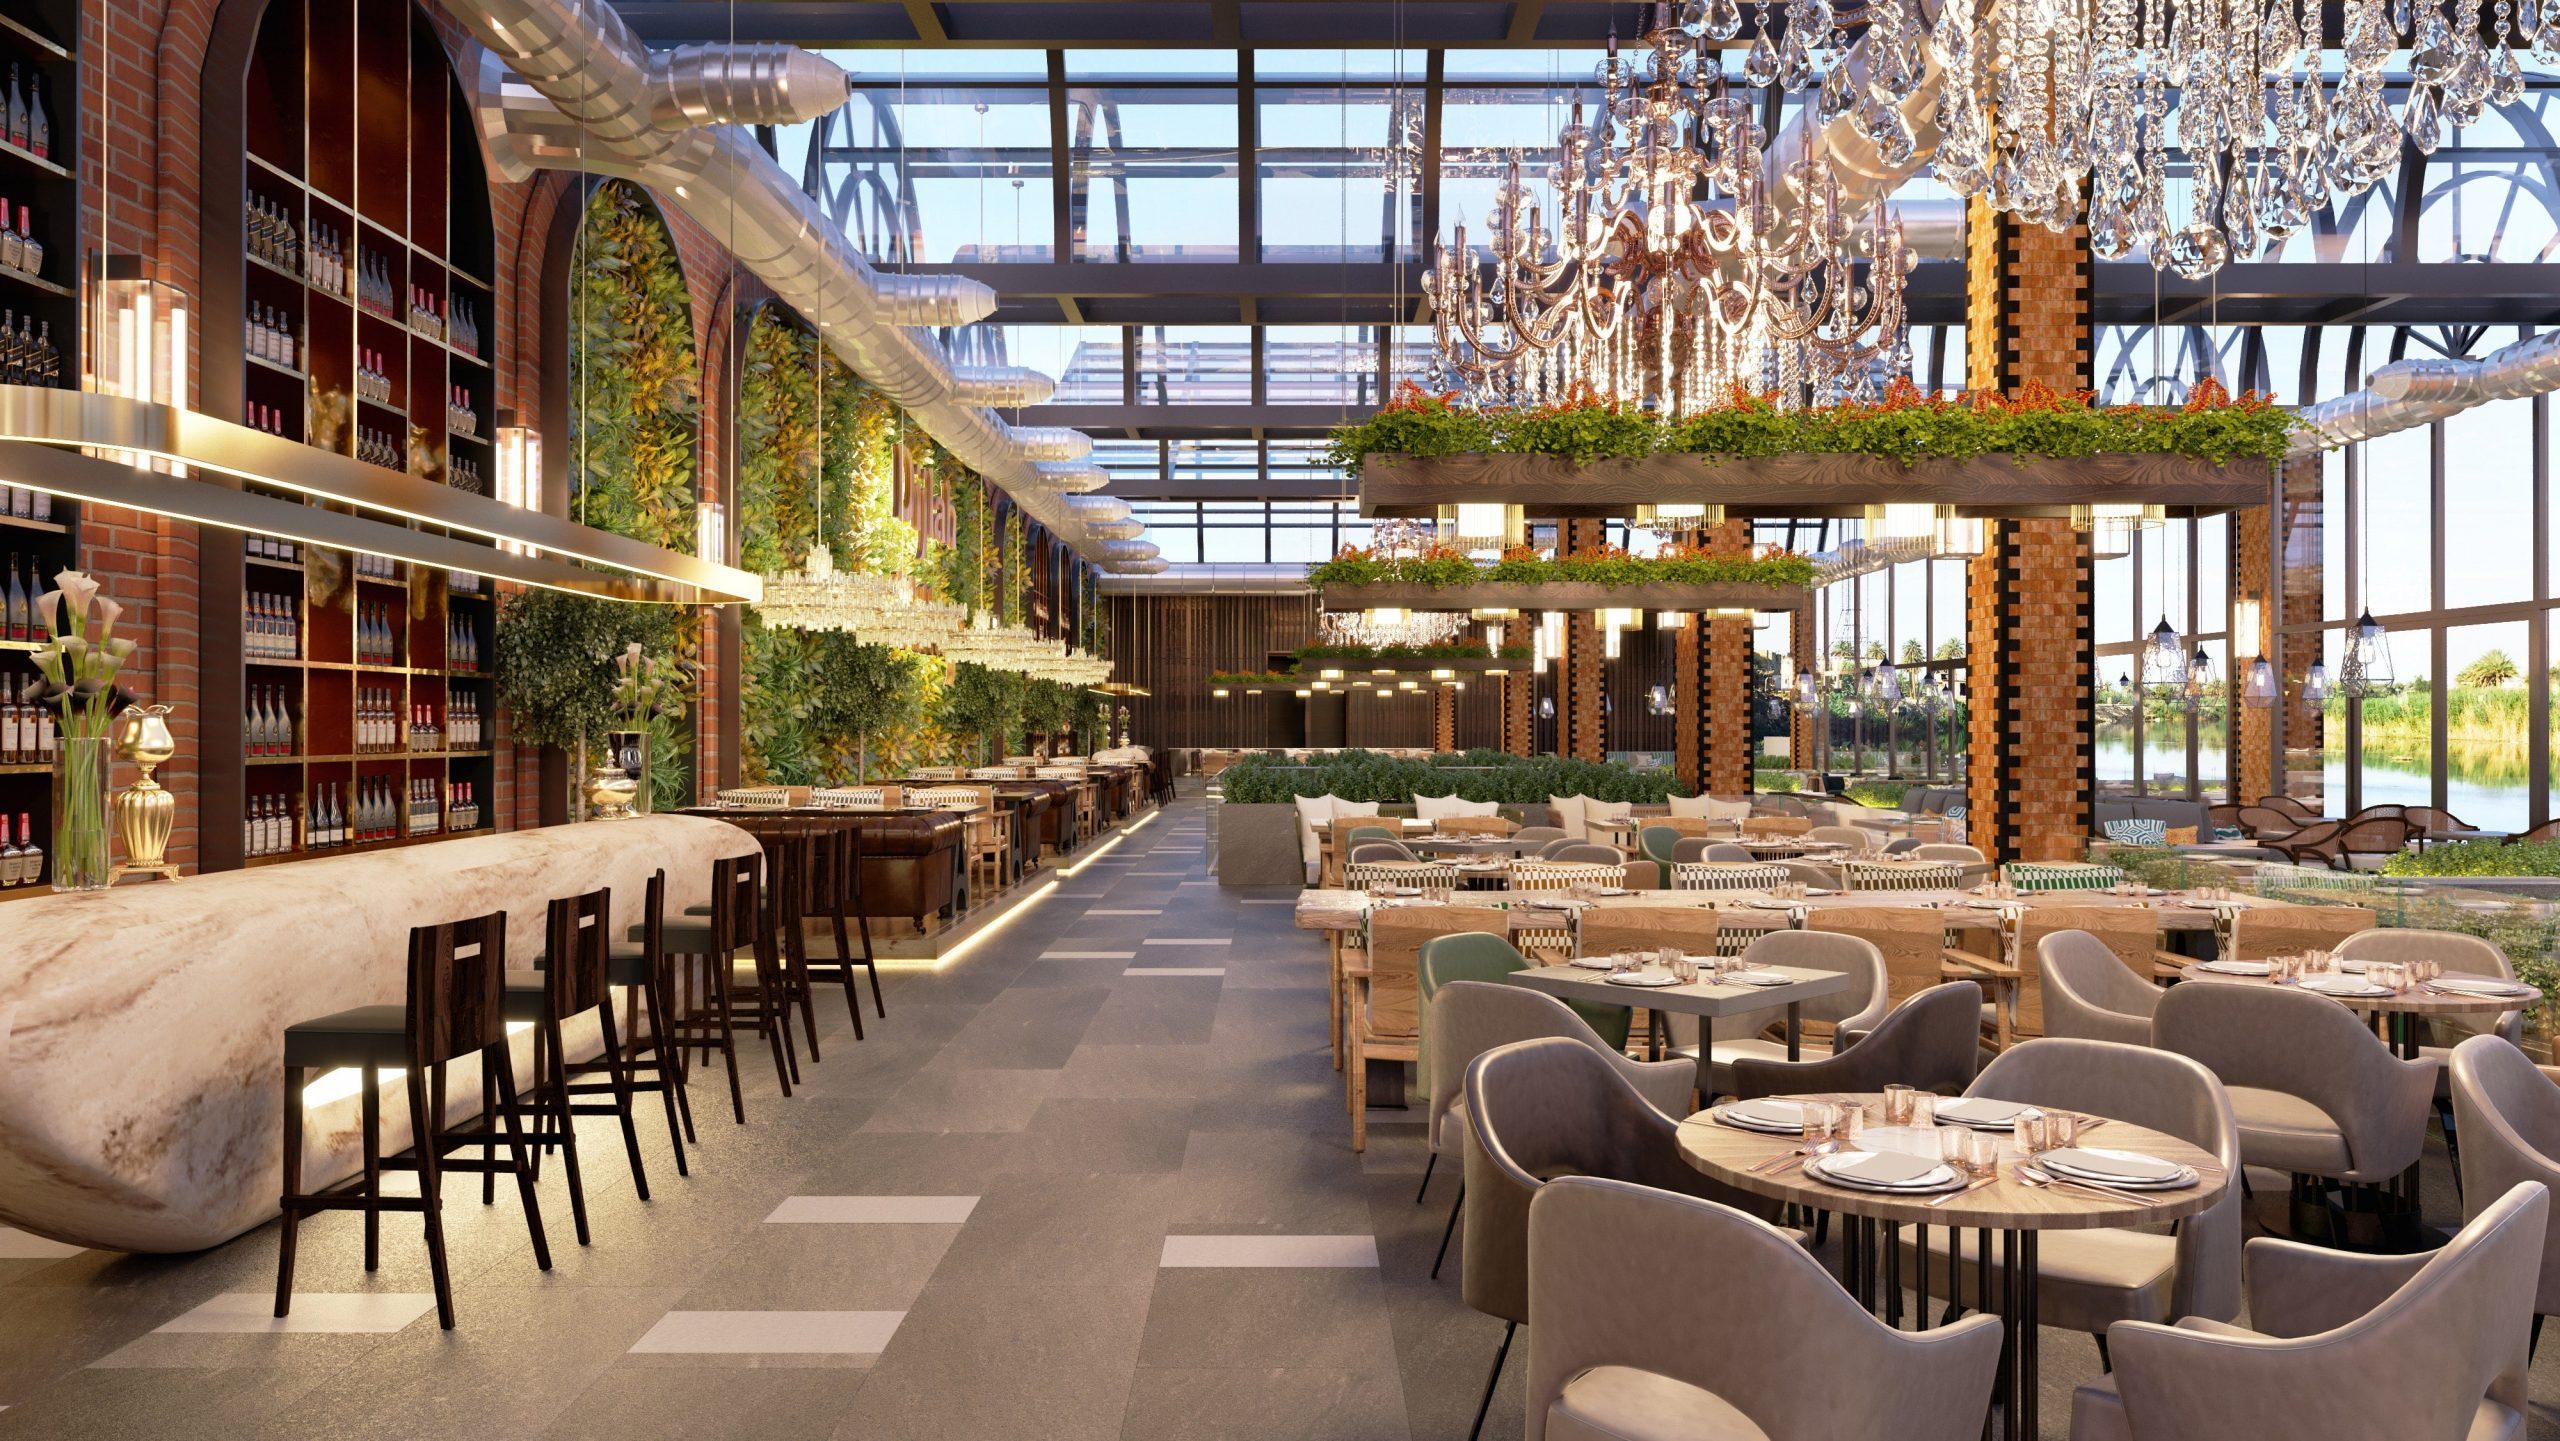 interieur hotel restaurant